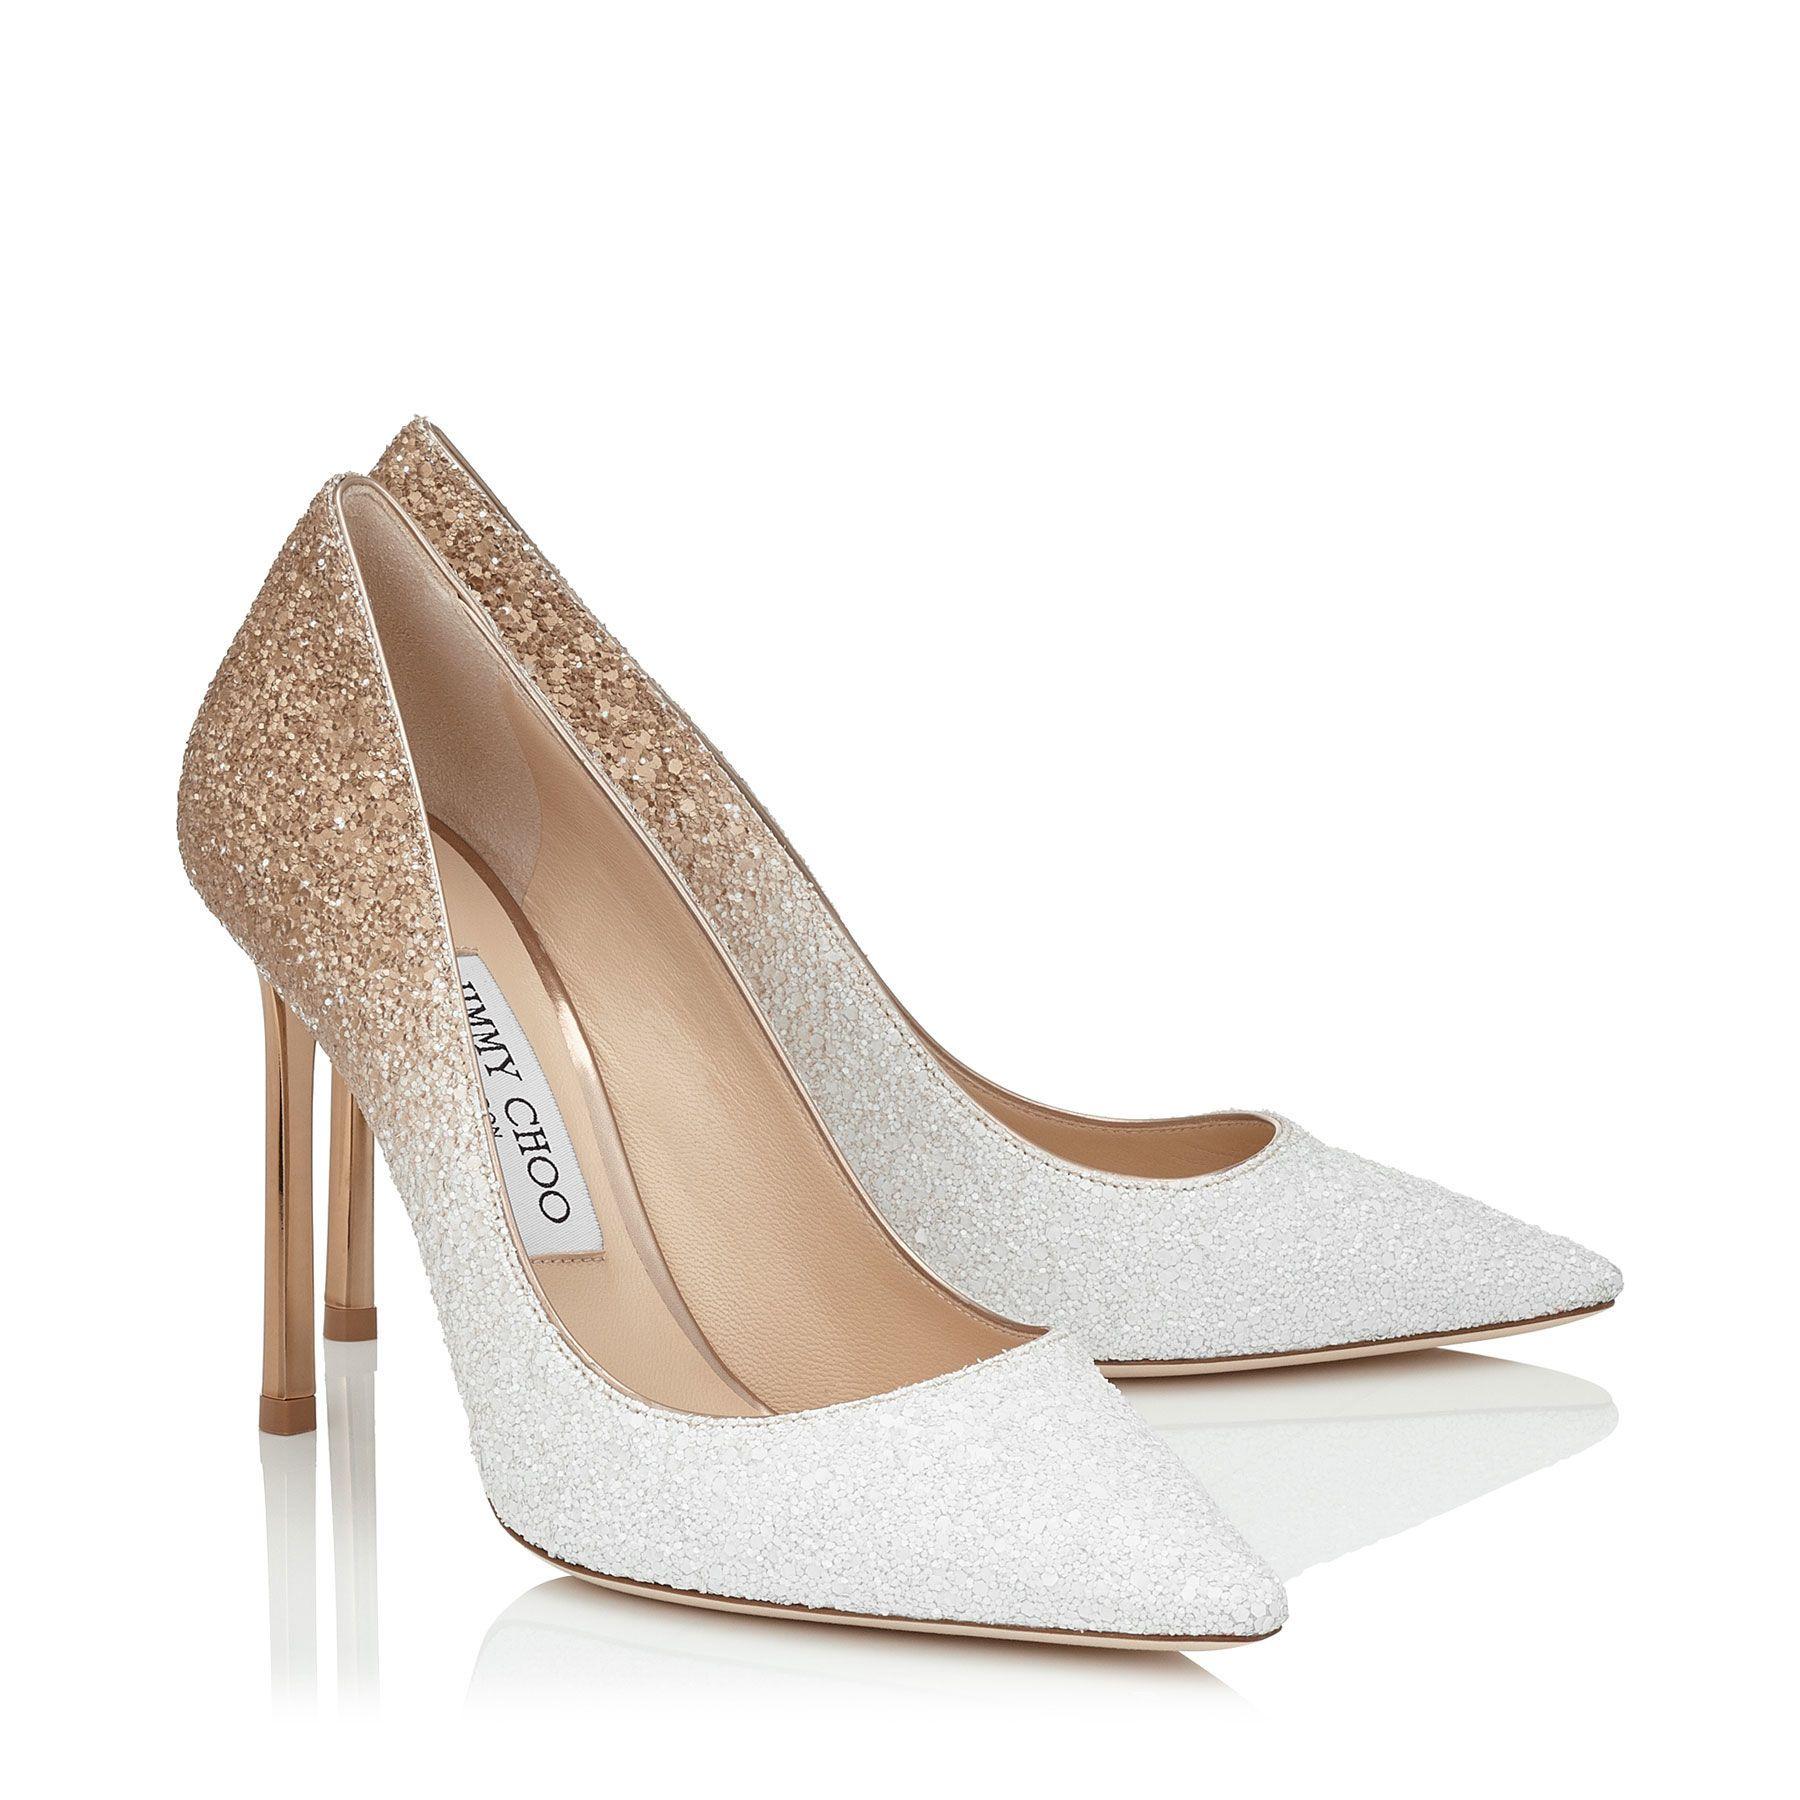 official photos 04ebf dcc53 Zapatos de novia 2017  95 pares de ensueño para que conquistes al mundo ¡en  tu boda!